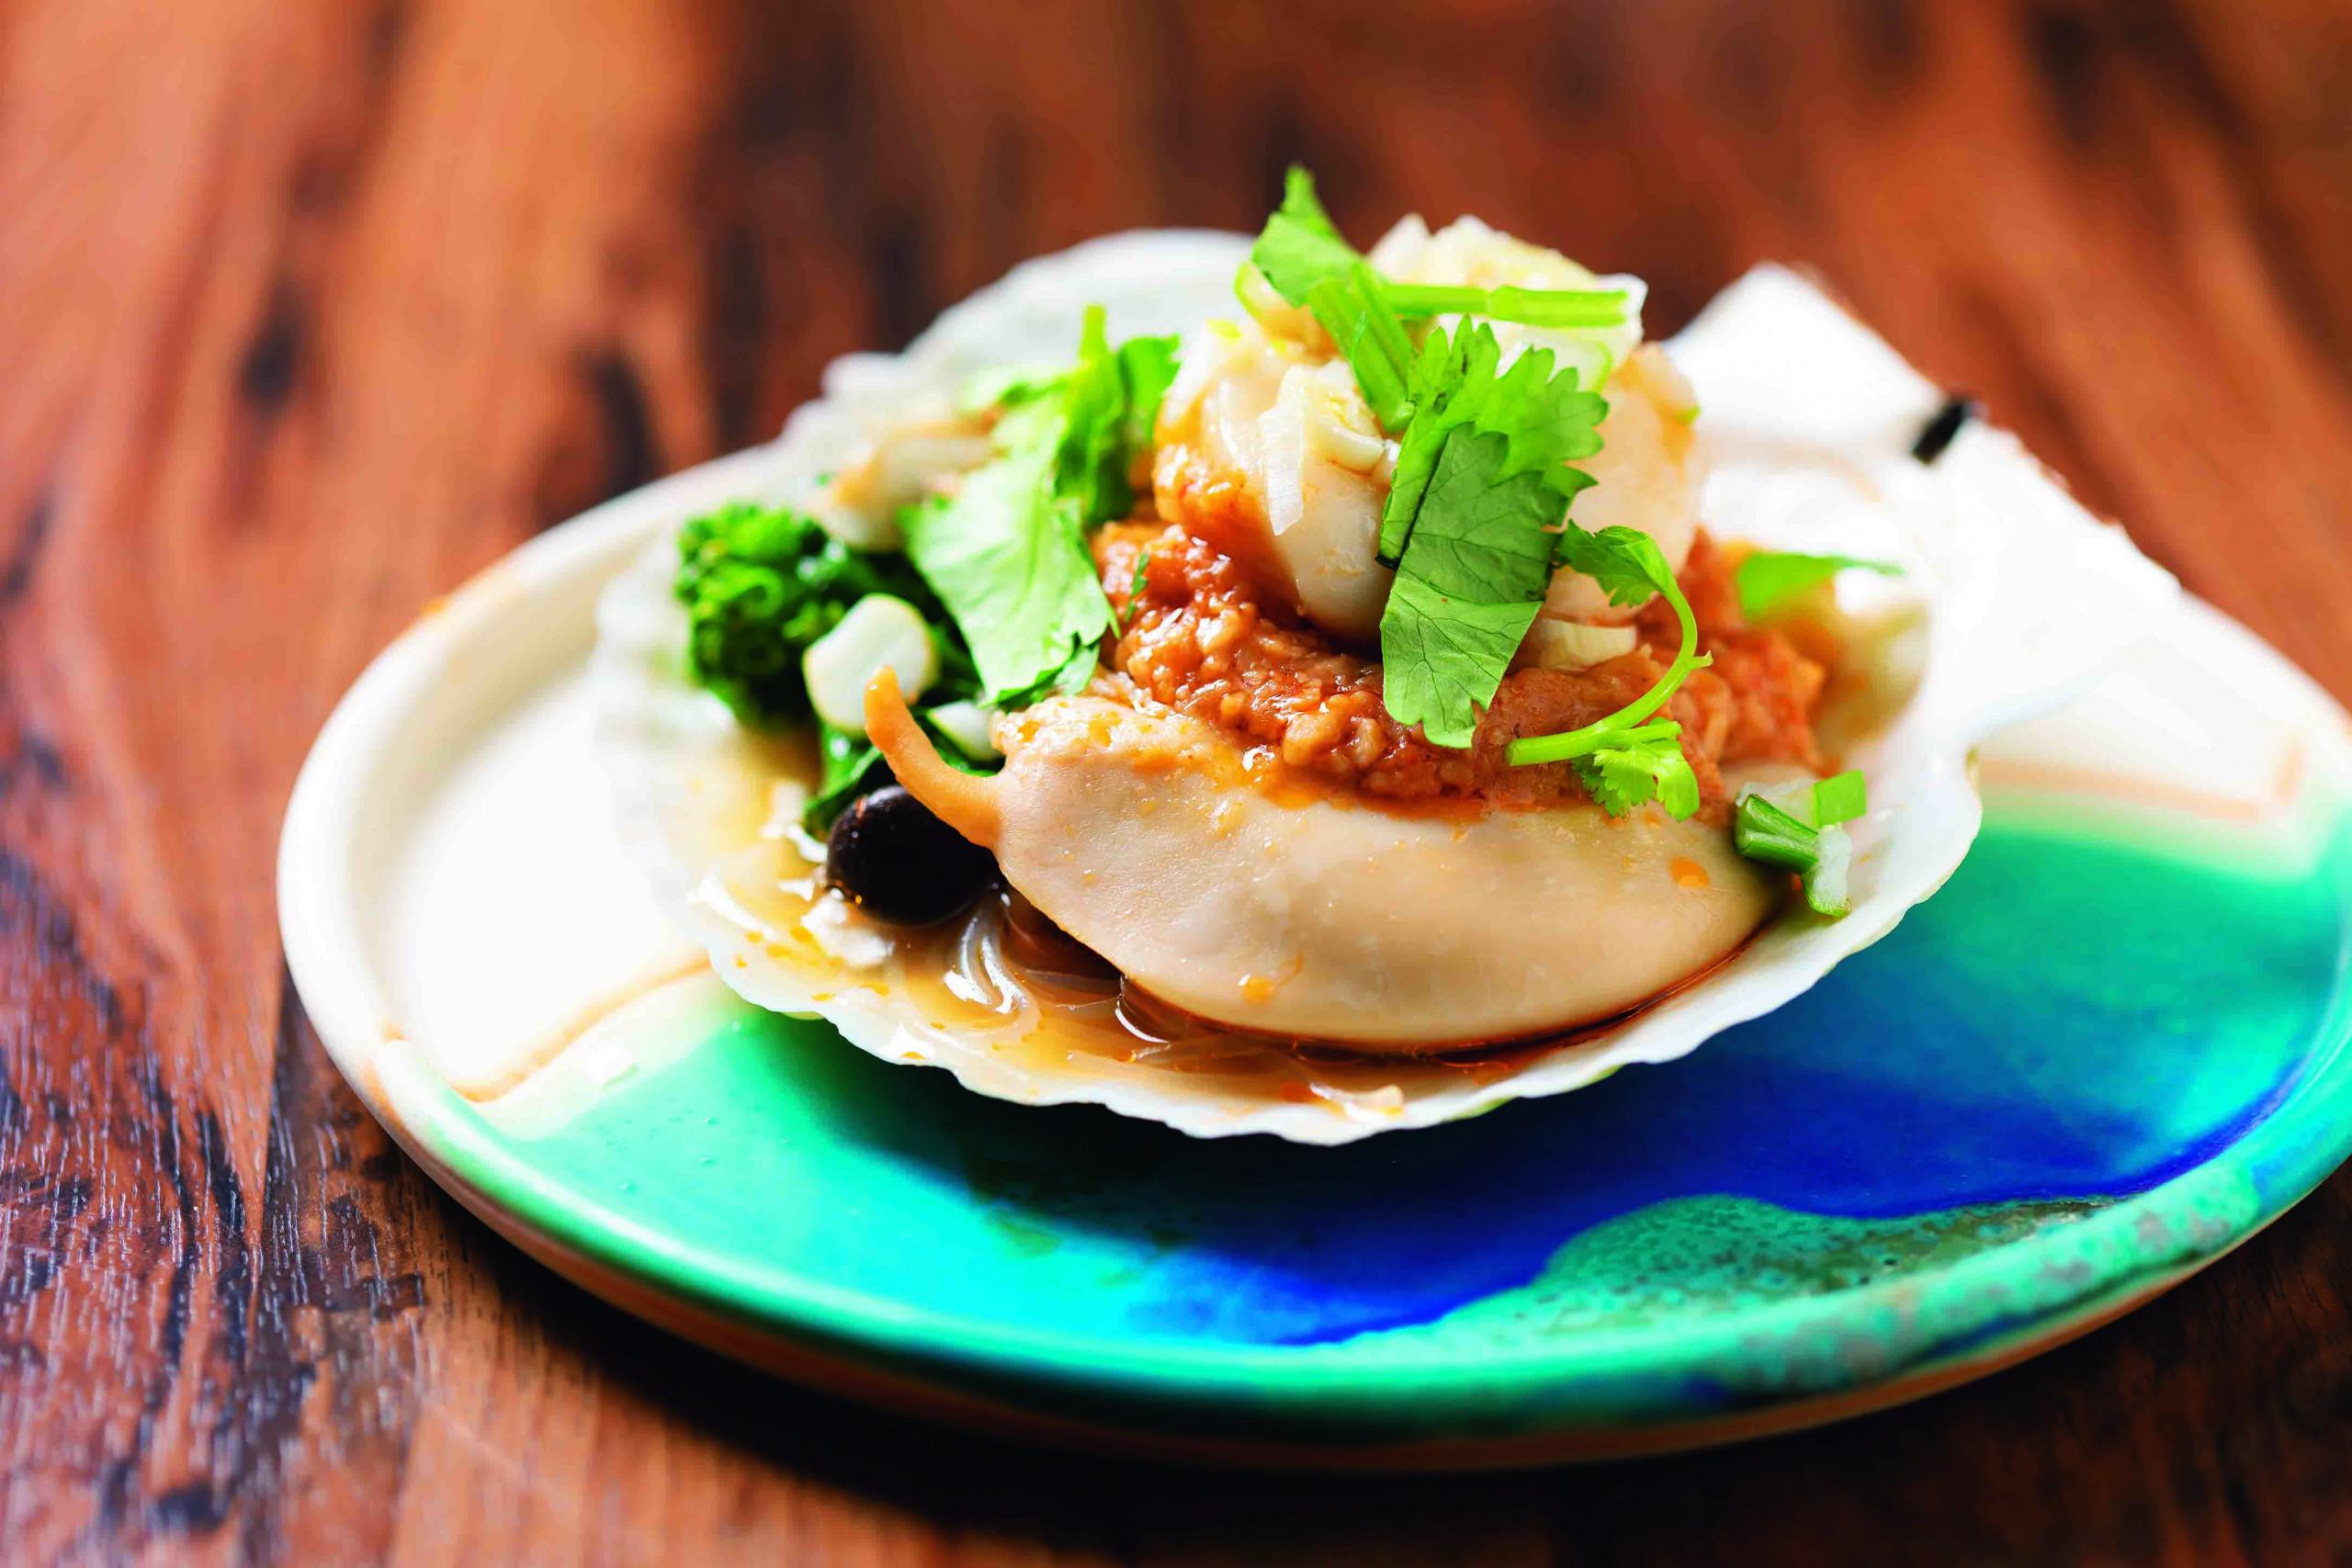 大豆をベースにニンニクや豆板醤などを合わせたオリジナルソースが、ホタテ貝の甘みと一体となった、殻付きホタテ貝の大豆ソースの蒸し物800円